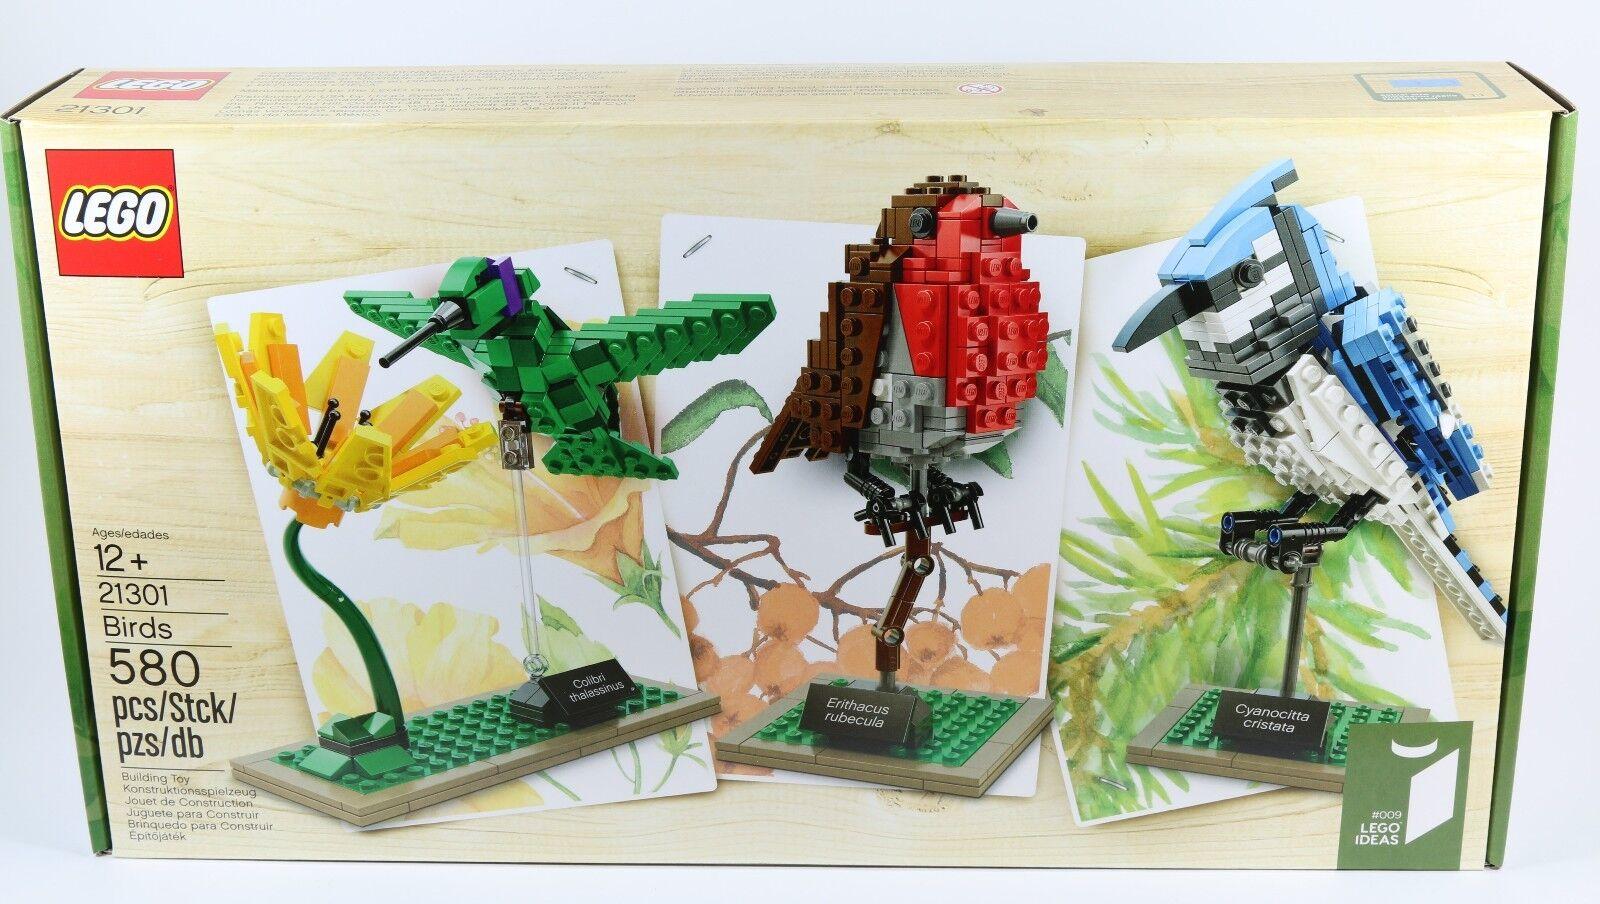 RARE 21301 UCCELLI LEGO Cuusoo Ideas scatola  SET NUOVO SIGILLATO ora smobilizzato Set  vendita online